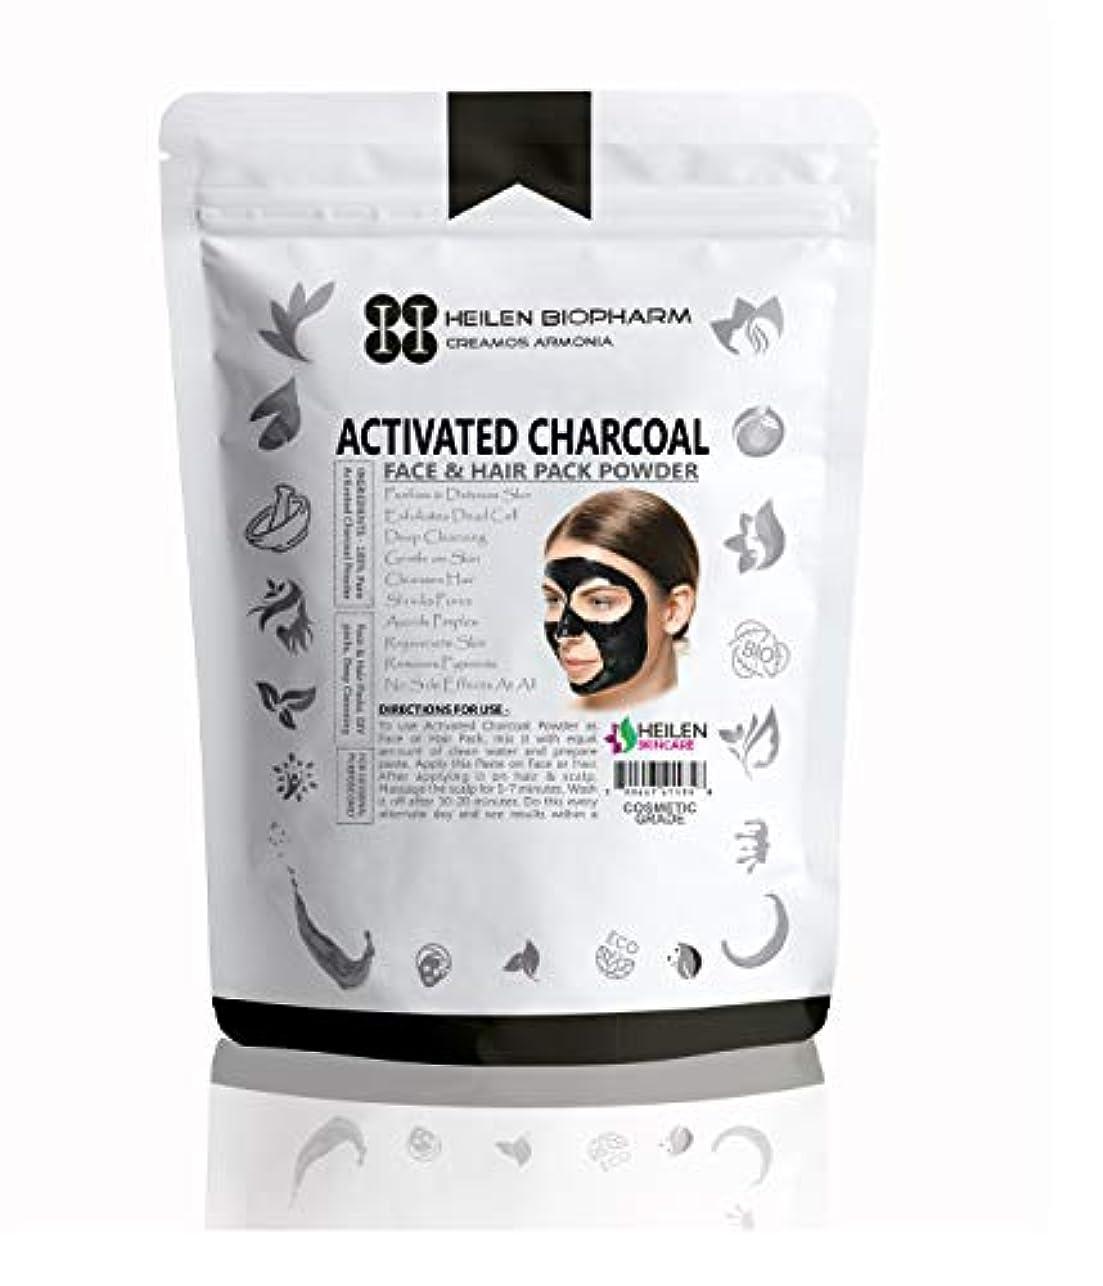 ルアー植木サンプル活性化チャコールパウダー(フェイスパック用)(Activated Charcoal Powder for Face Pack) (200 gm / 7 oz / 0.44 lb)